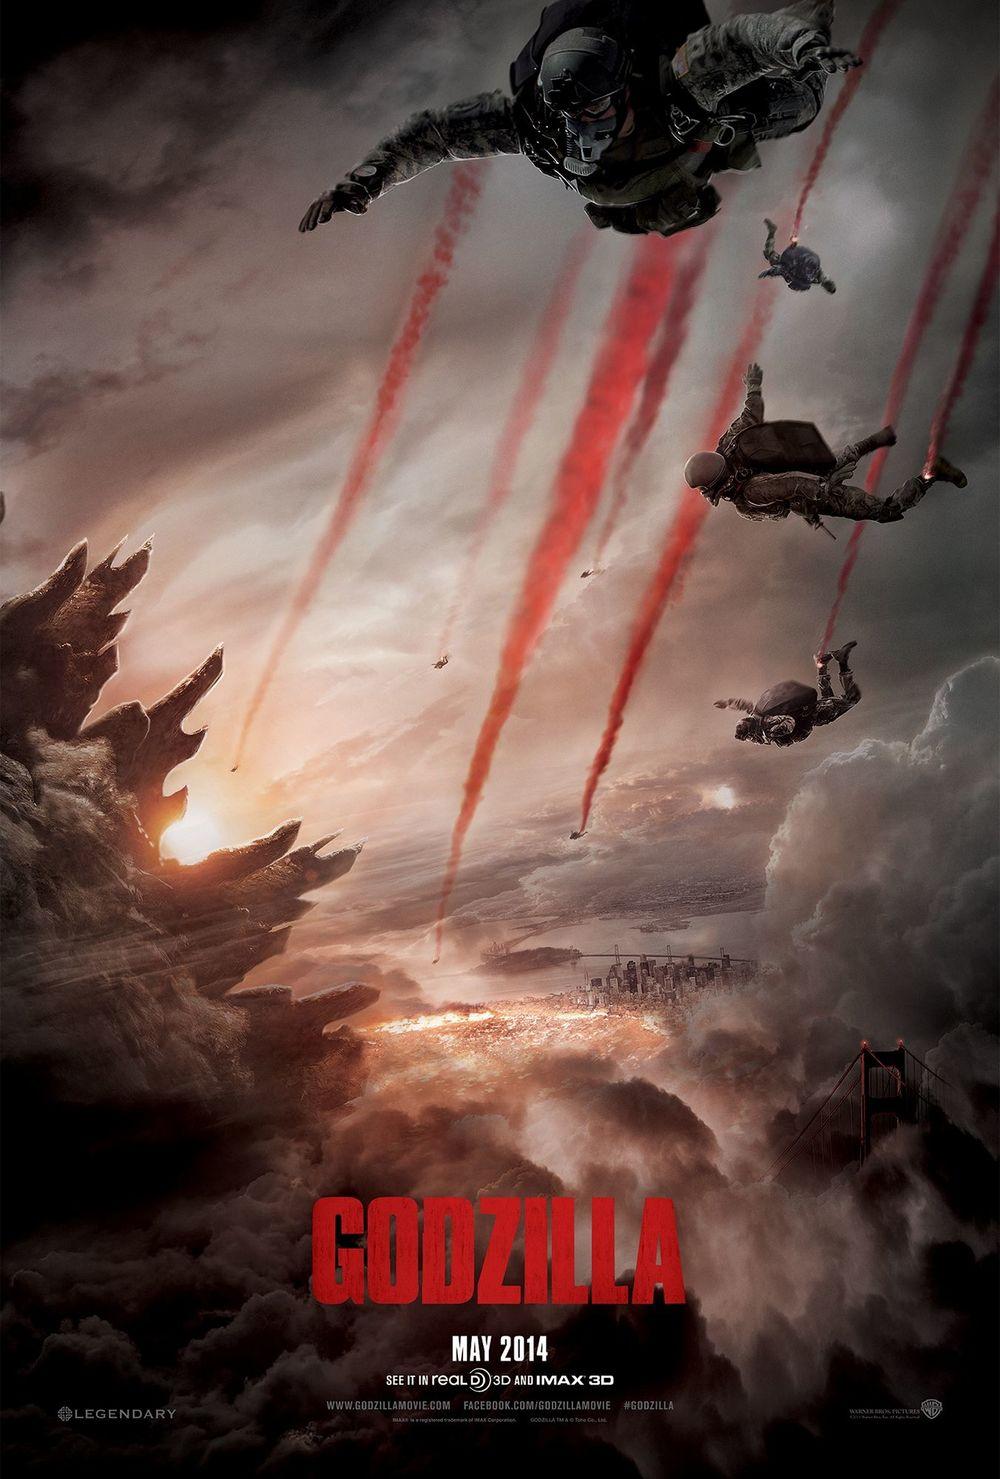 Godzilla-2014-Teaser-Trailer-Poster.jpg